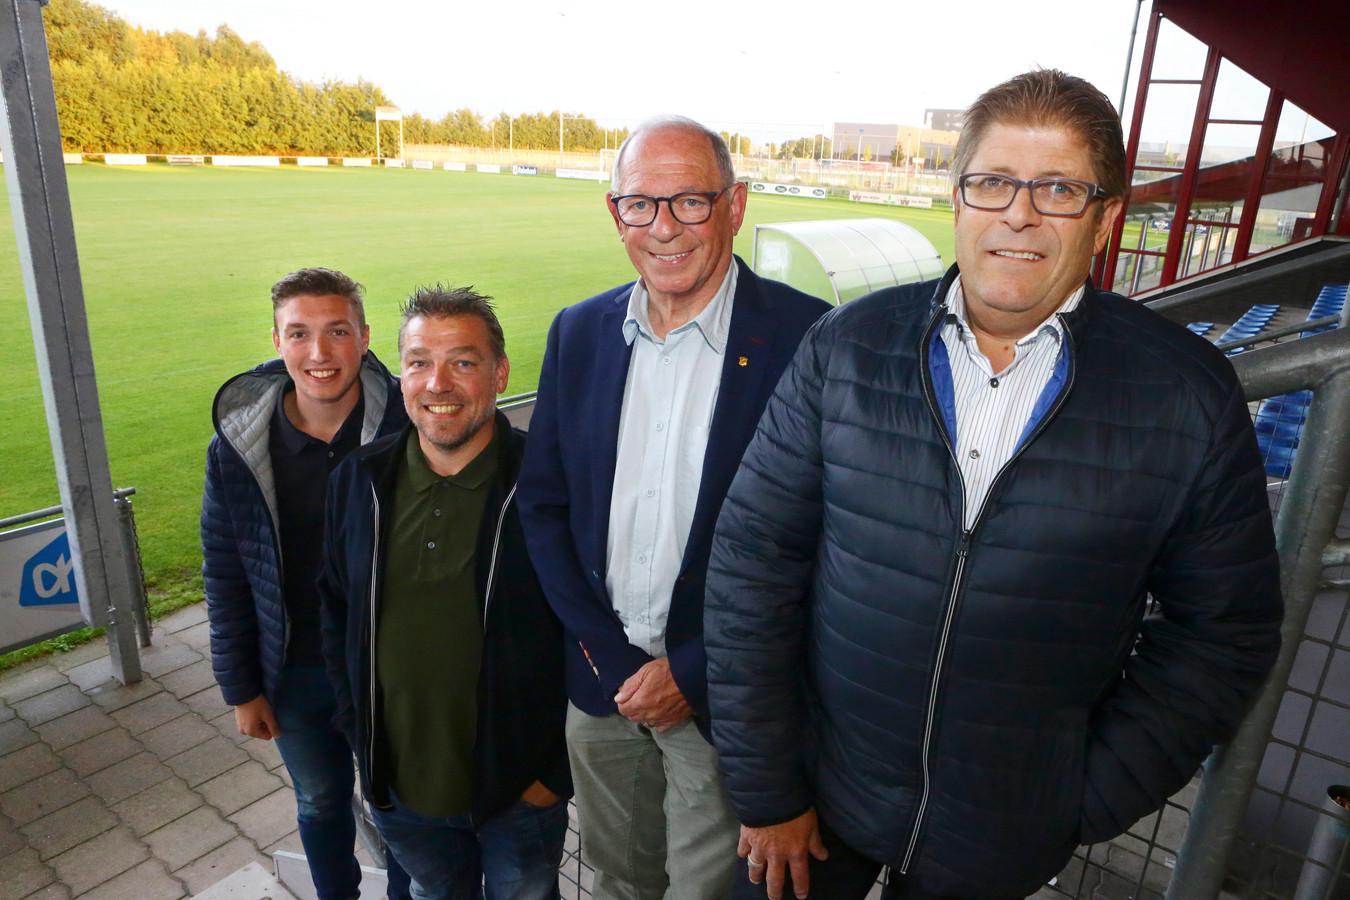 Raúl, Berry, Han en Bas Bruurmijn (v.l.n.r) zijn het DNA van RWB. De 17-jarige Raúl is sinds lange tijd de eerste van de familie die weer in het eerste elftal uitkomt.